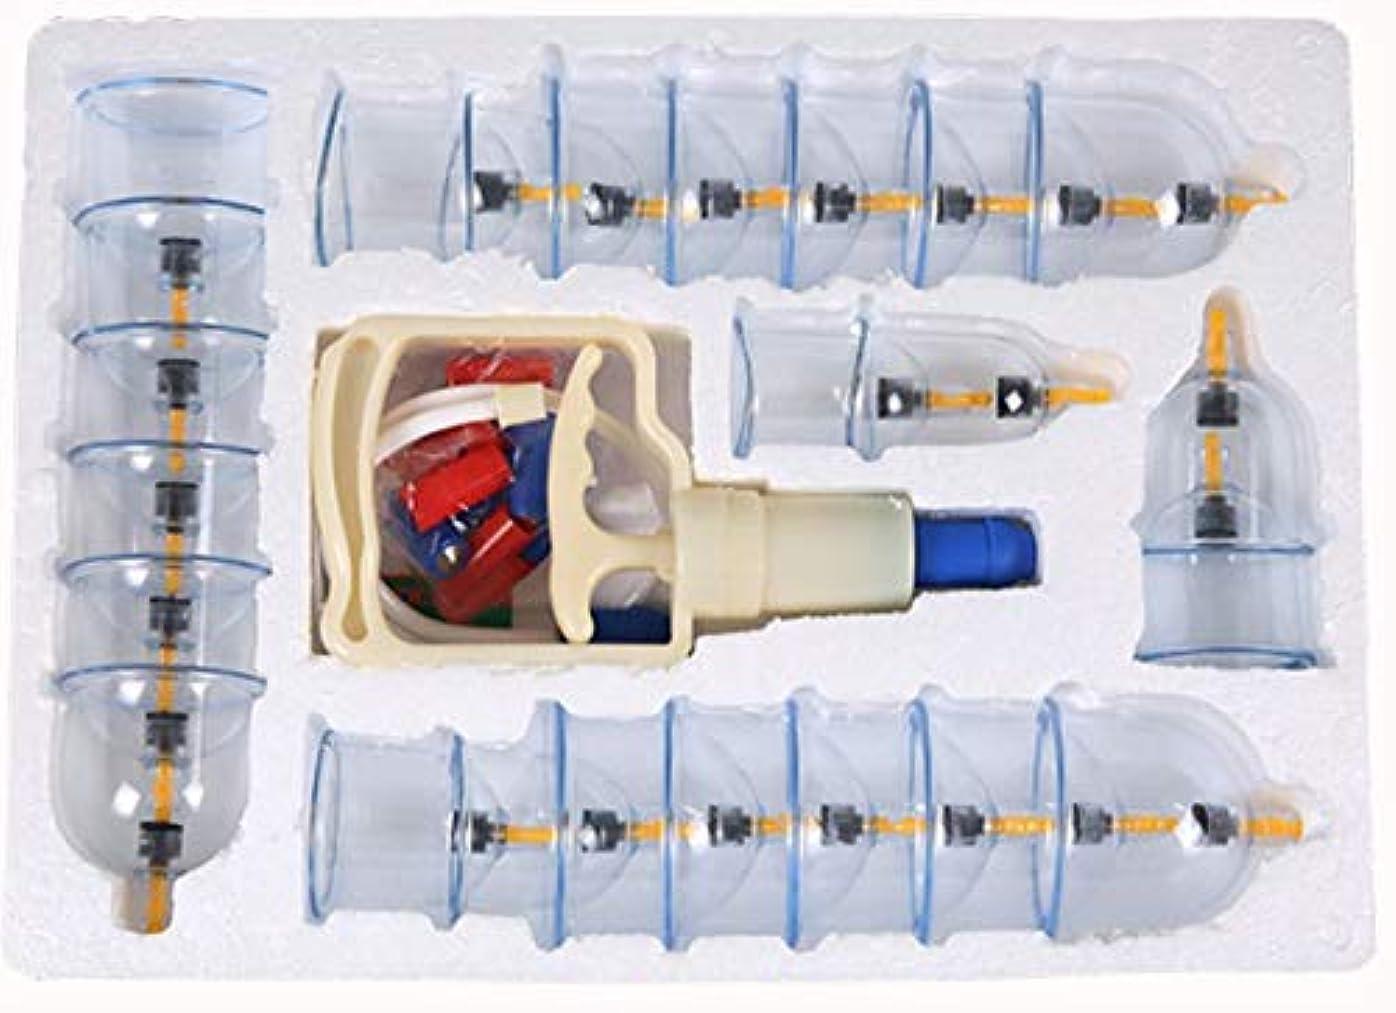 軌道平らにする安西(ラフマトーン) カッピング 吸い玉 大きいカップが多い 吸い玉 5種 24個セット 磁針 12個 関節用カップ付 脂肪吸引 自宅エステ